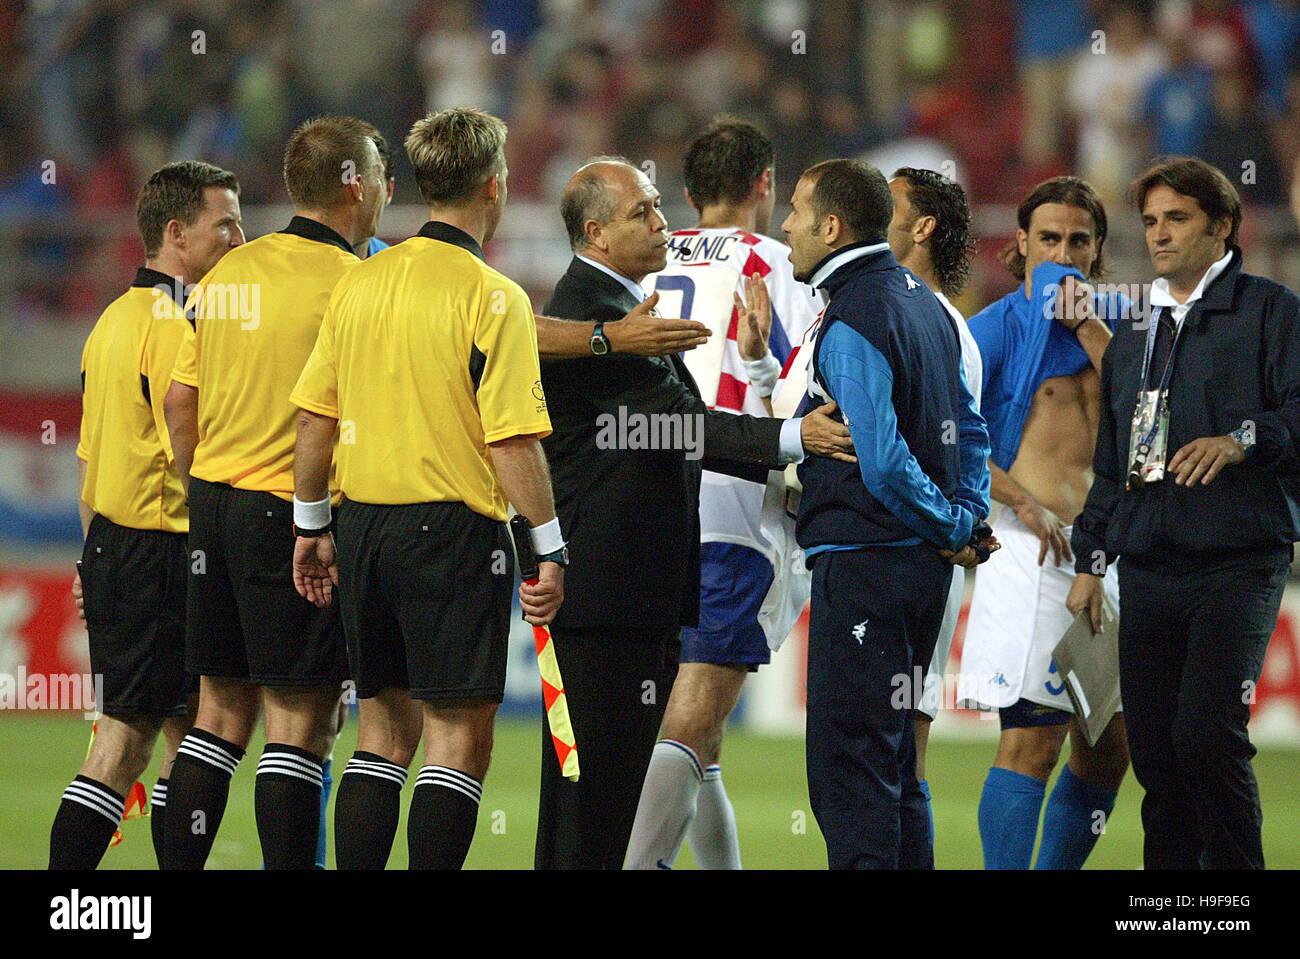 ITALIENISCHE Spieler KONFRONTIEREN REF Italien V Kroatien IBARAKI KASHIMA Stadion IBARAKI JAPAN 8. Juni 2002 Stockbild